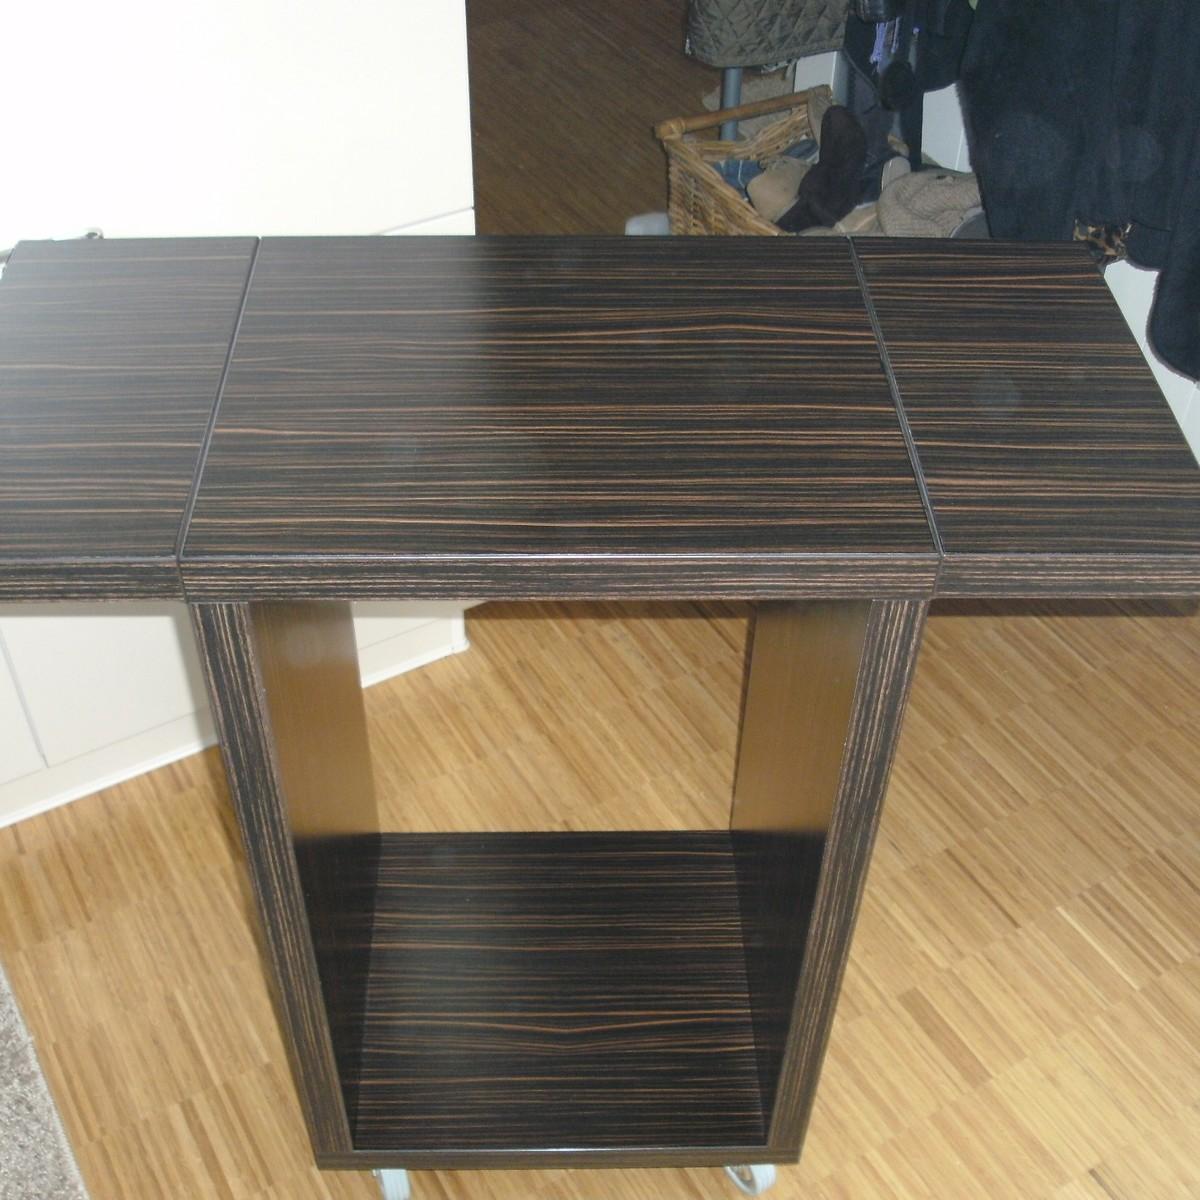 Küchenwürfel, rollbar, ausklappbar, passsend zur vorhandenen Küche